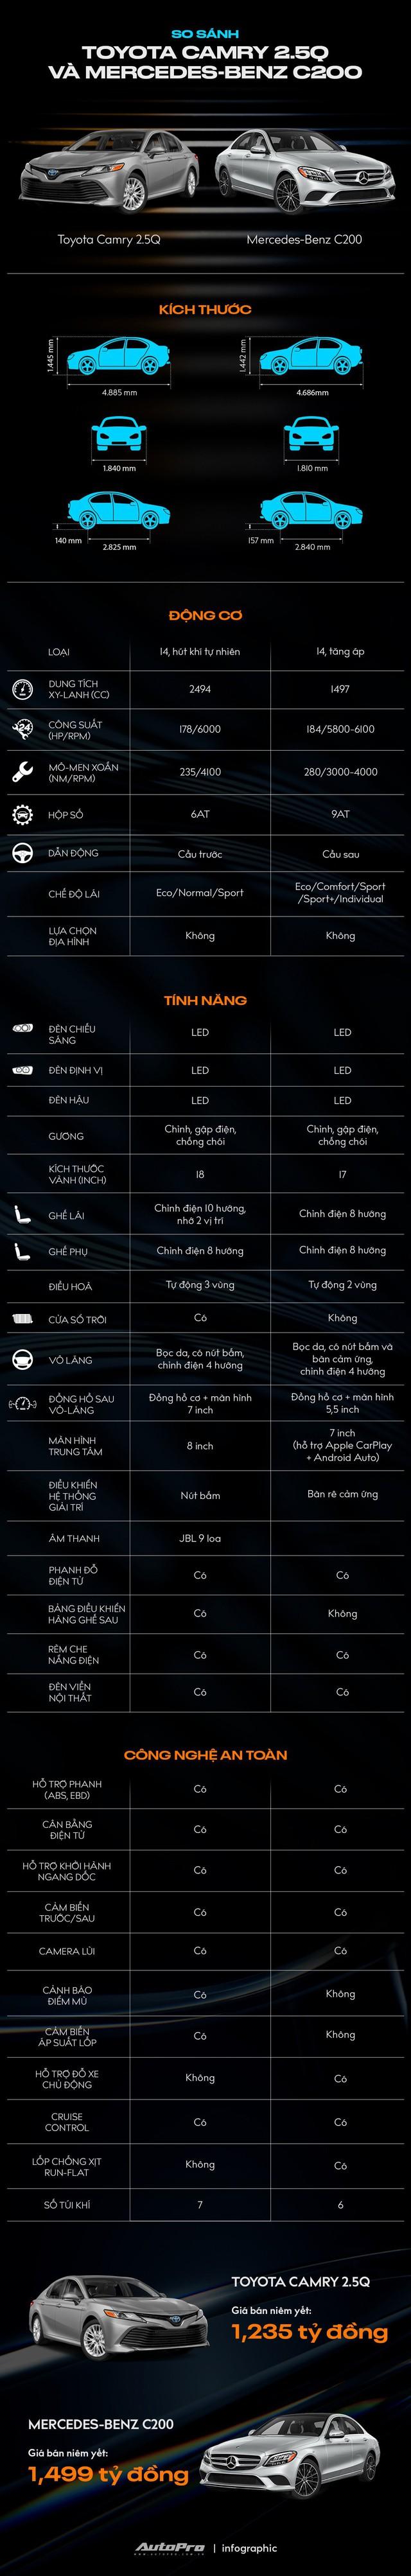 Toyota Camry vs Mercedes-Benz C-Class: Chọn giá rẻ nhiều công nghệ hay thương hiệu hạng sang với hơn 1 tỷ đồng - Ảnh 1.